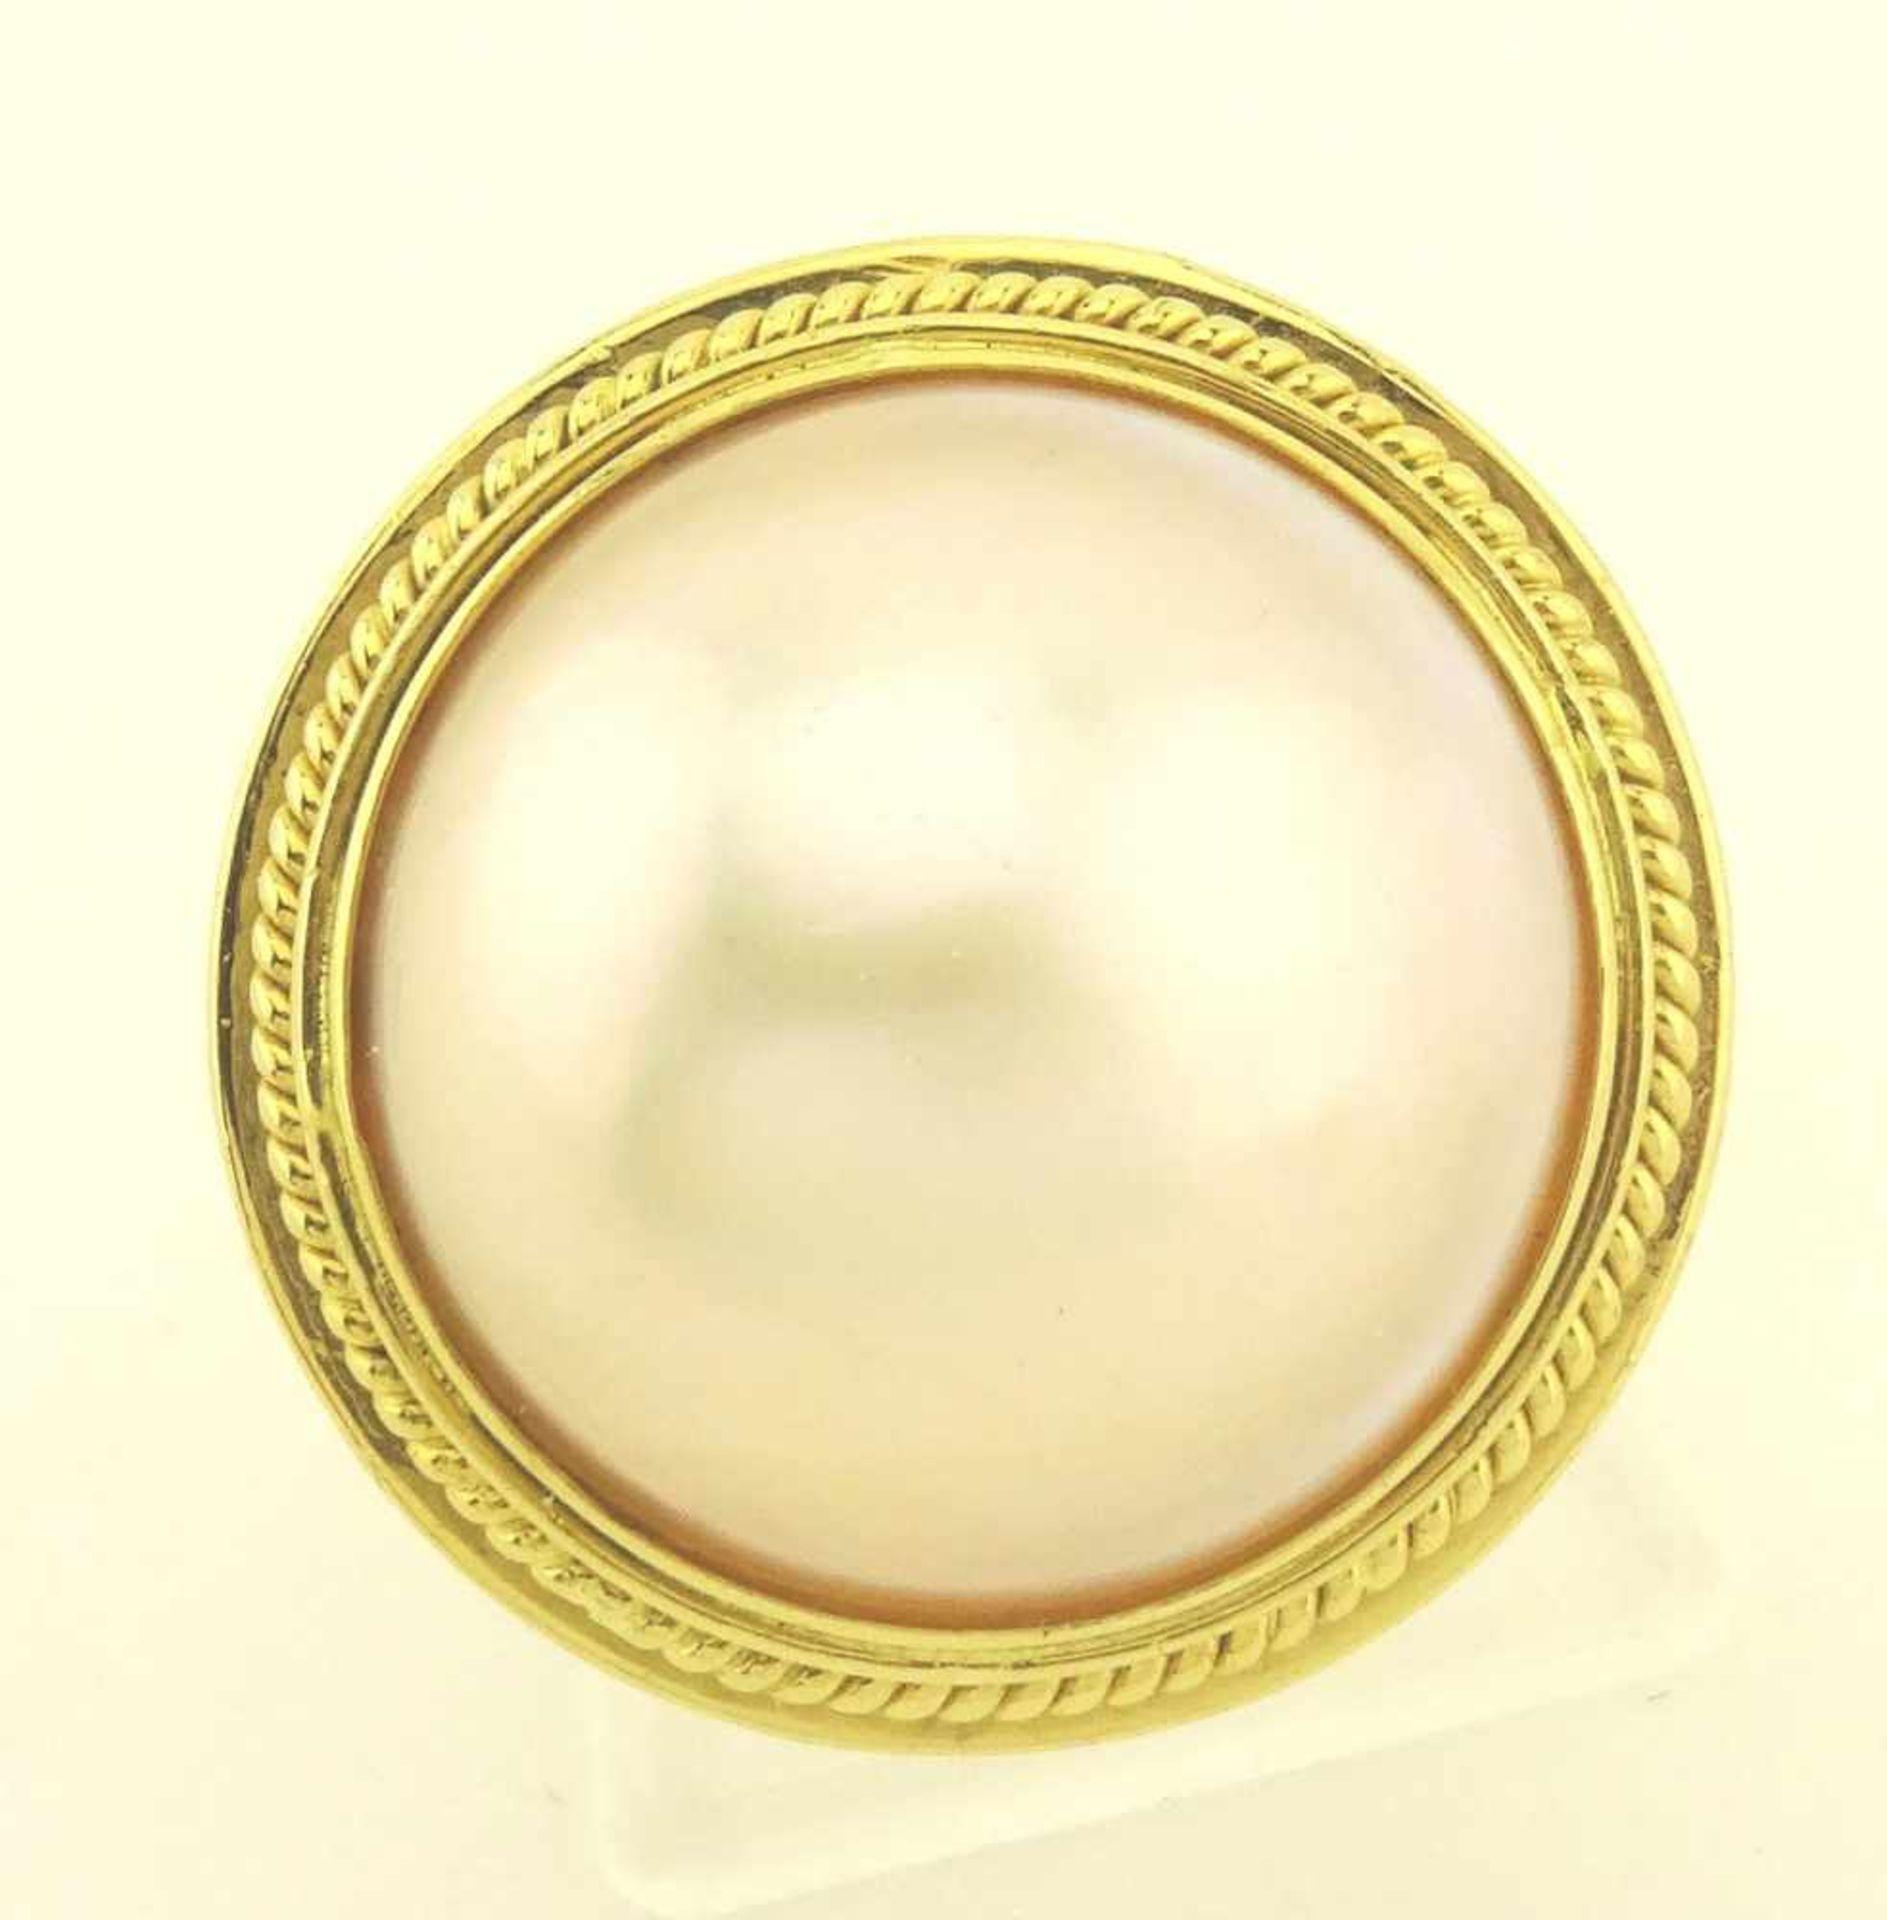 Los 14 - Damenring 750 Gold mit Mabe Perle, Perle ca. 16mm Durchmesser, RG 57, ges. Gewicht ca. 8,9g, sehr